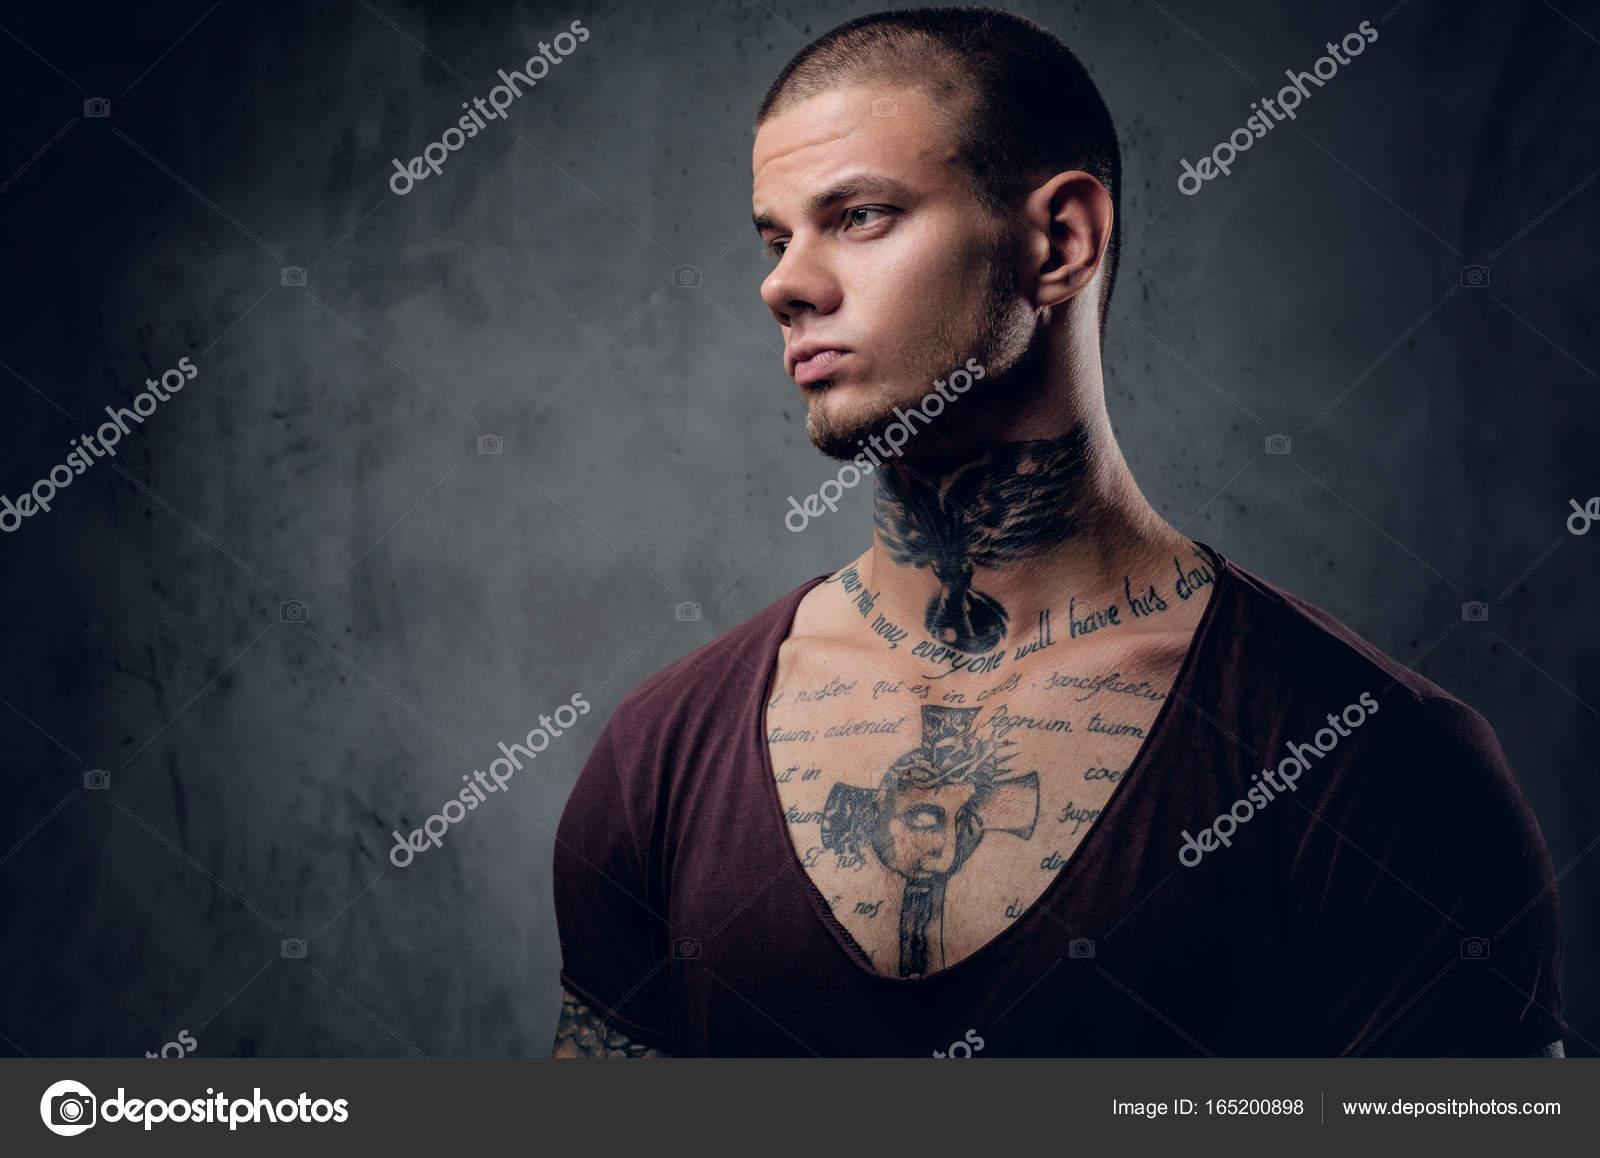 homme avec le tatouage sur son cou — photographie fxquadro © #165200898